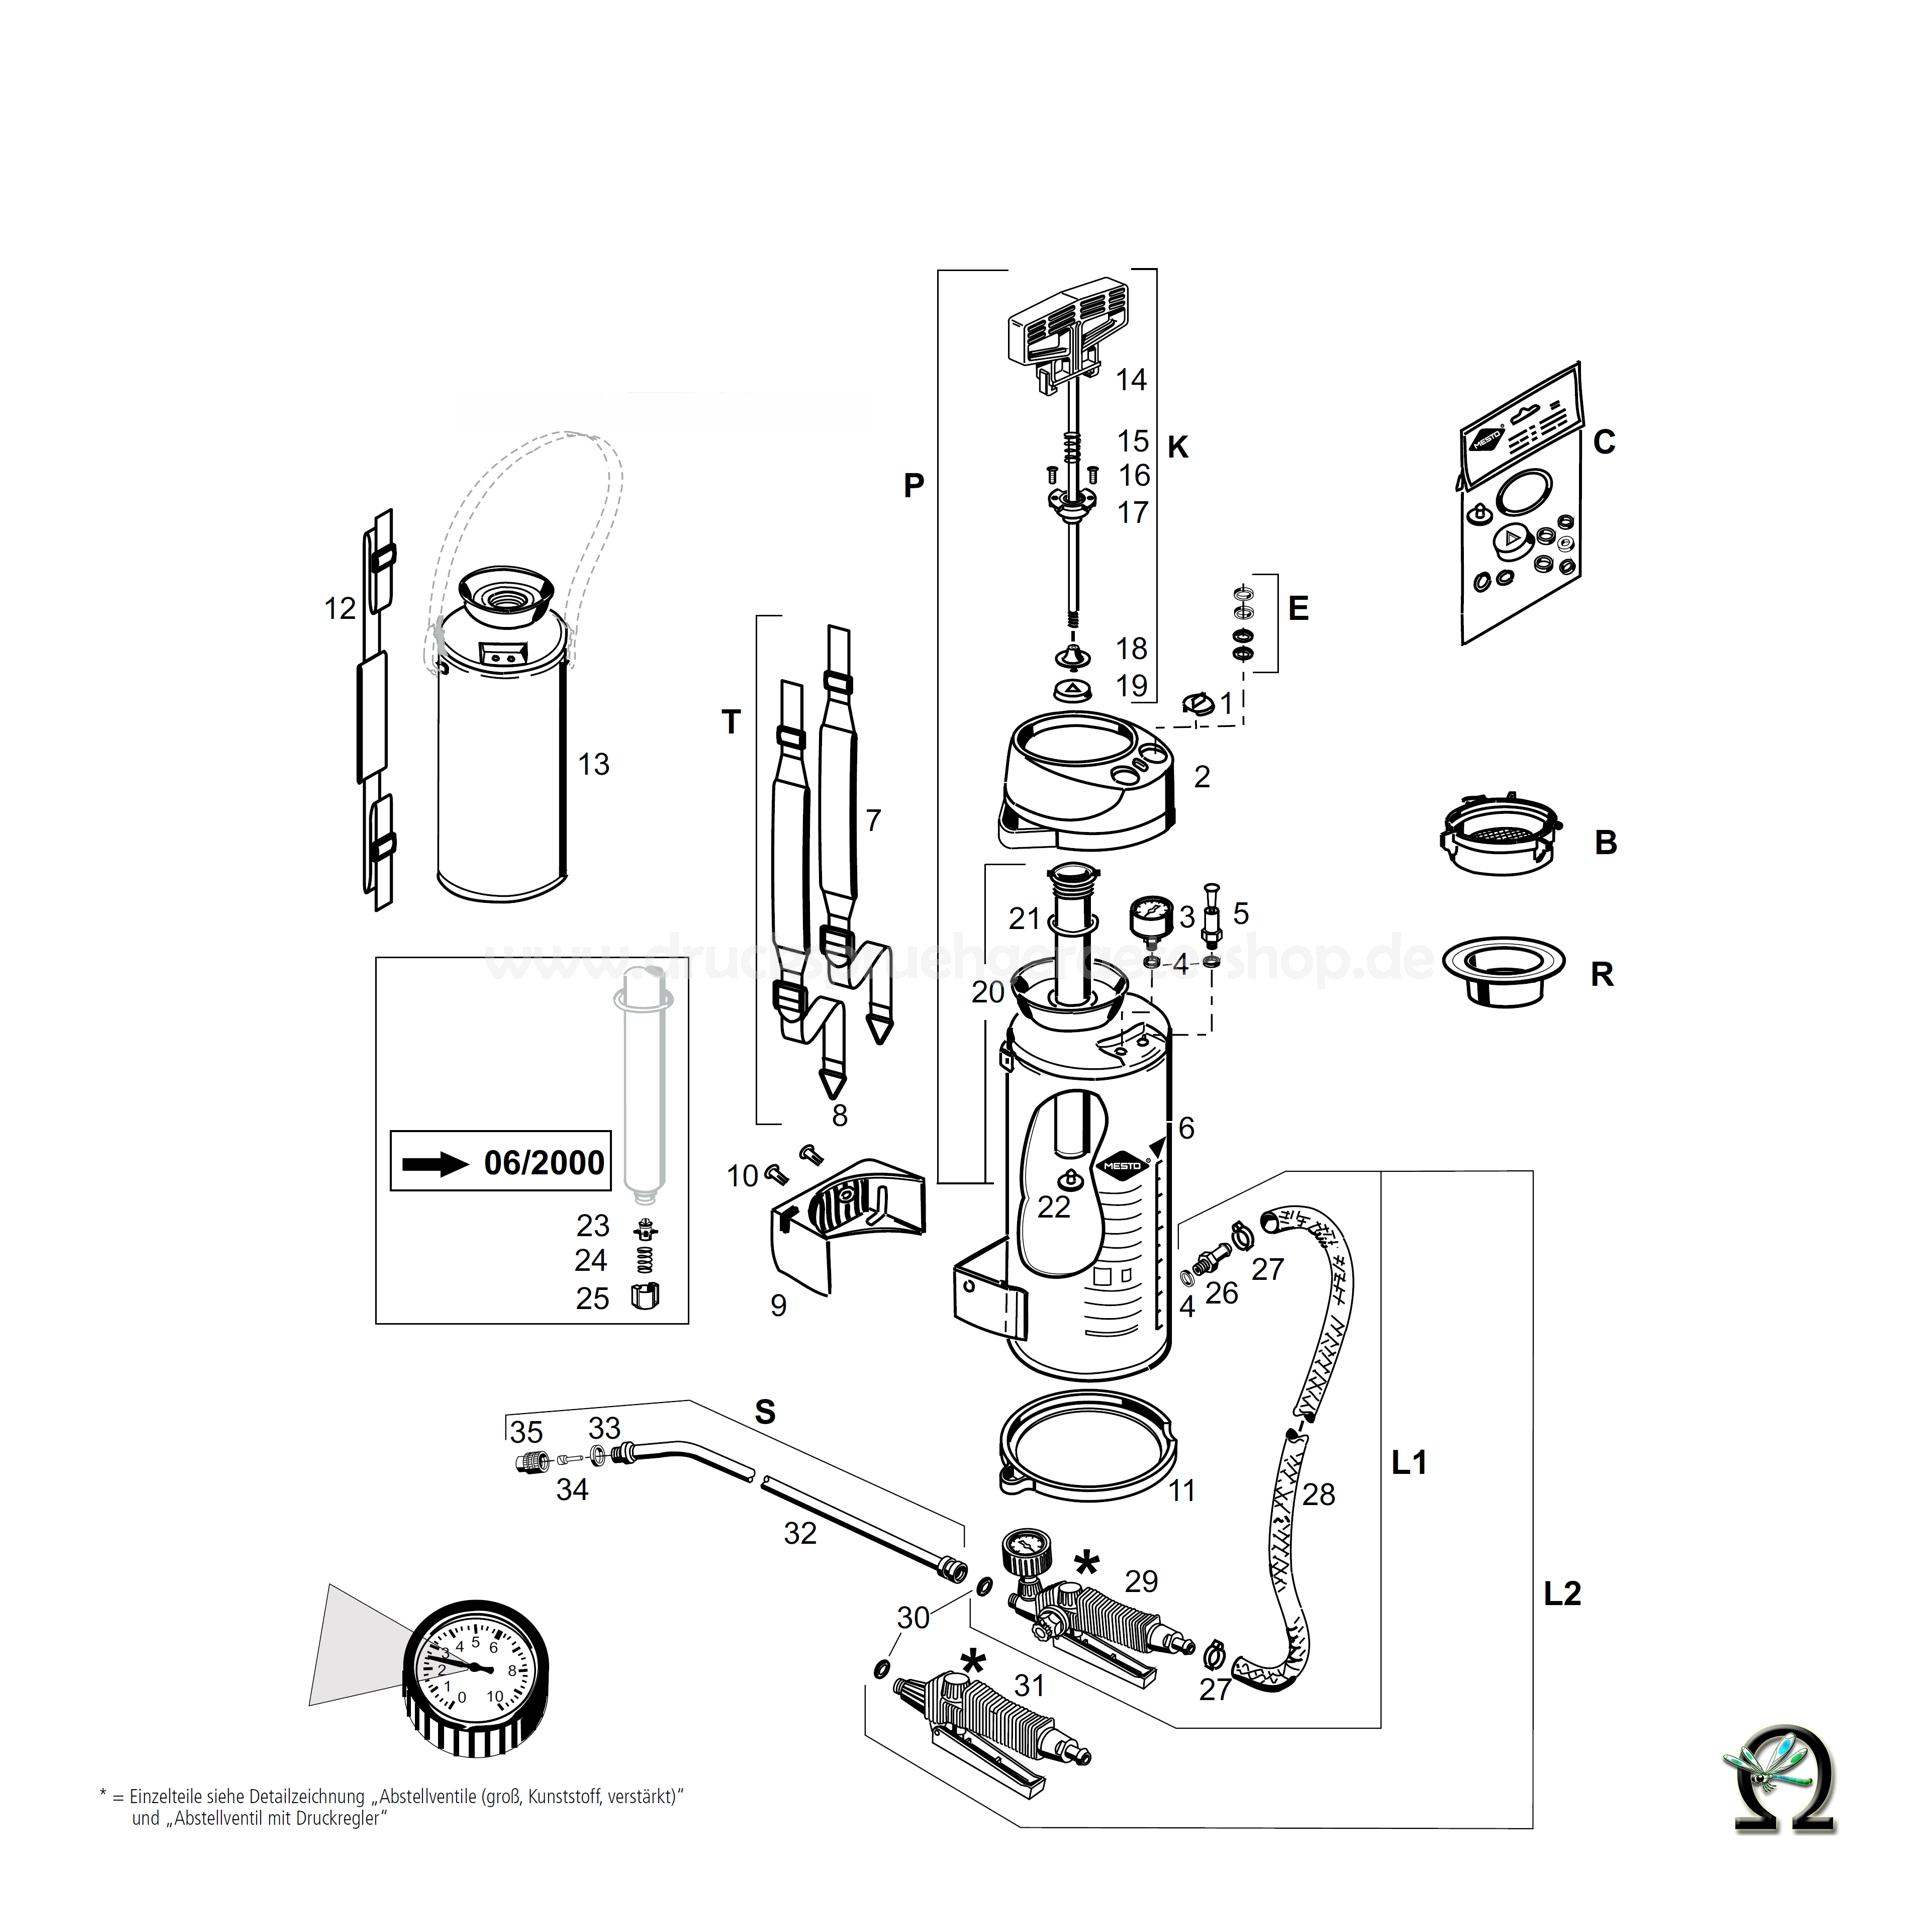 MESTO Hochdrucksprühgerät 3570 FERRUM - 5 Liter, Zeichnung der Einzelteile